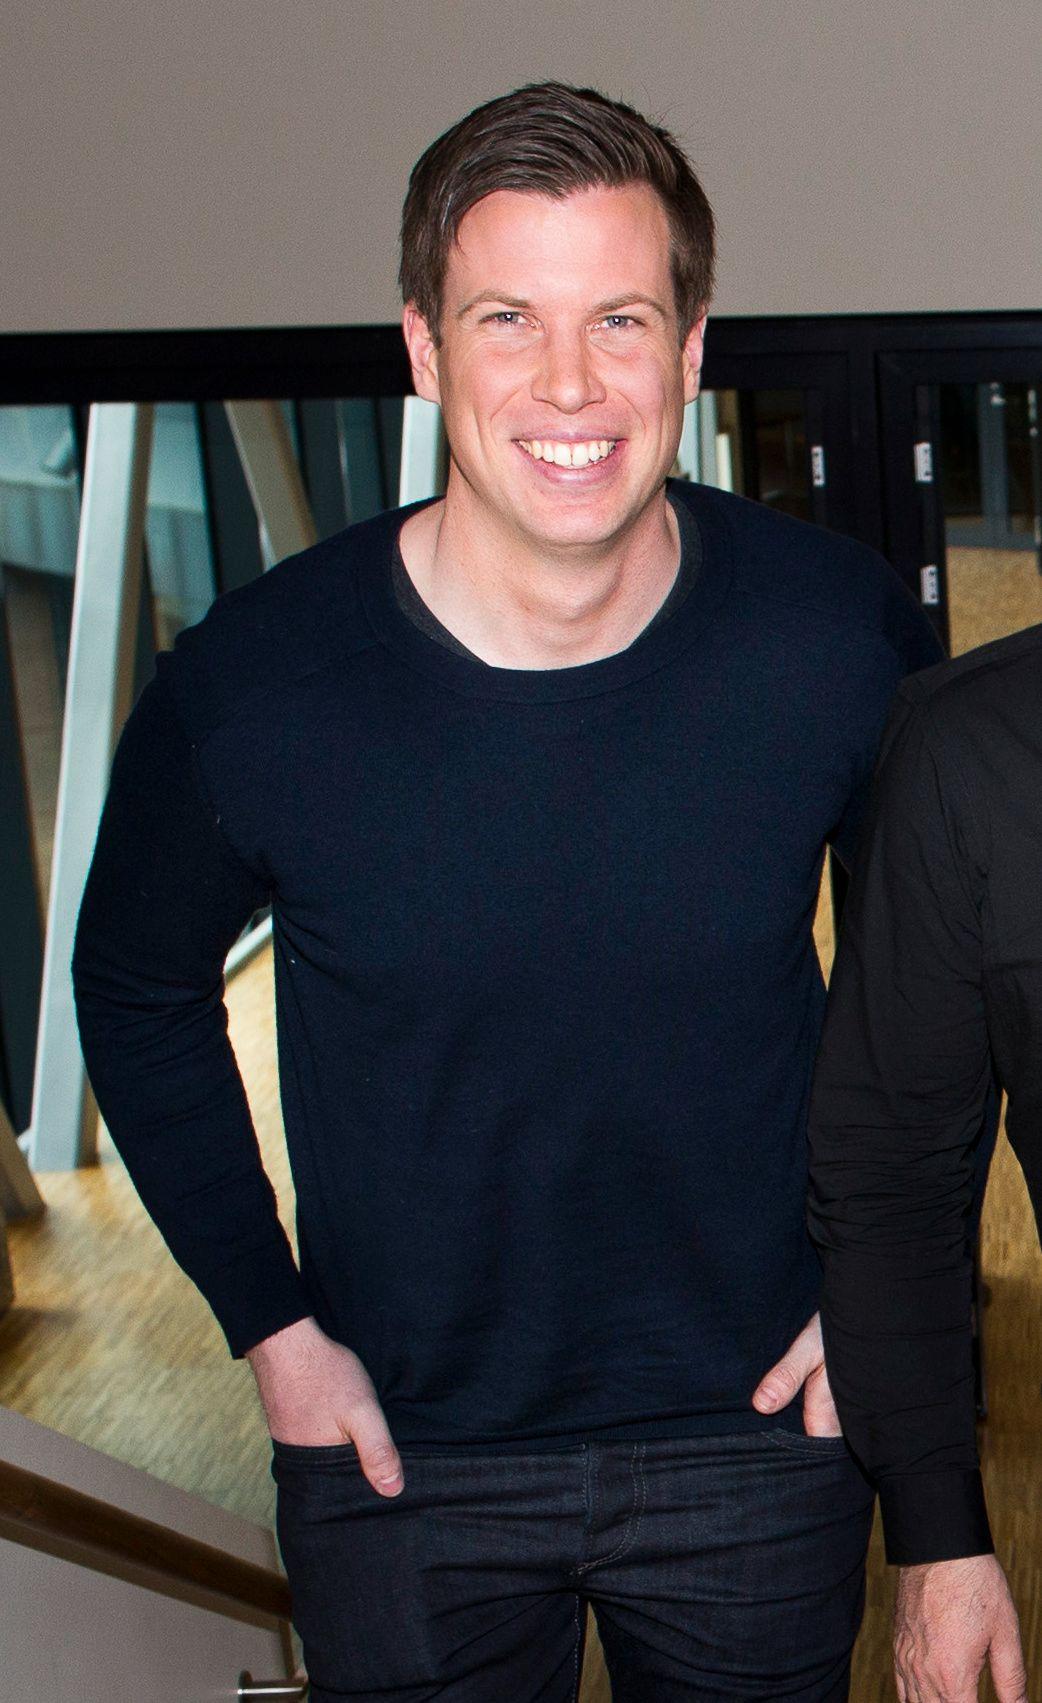 TV 2-PROFIL: Tidligere Start-spiller Jesper Mathisen er nå fotballkommentator og ekspert i TV 2.